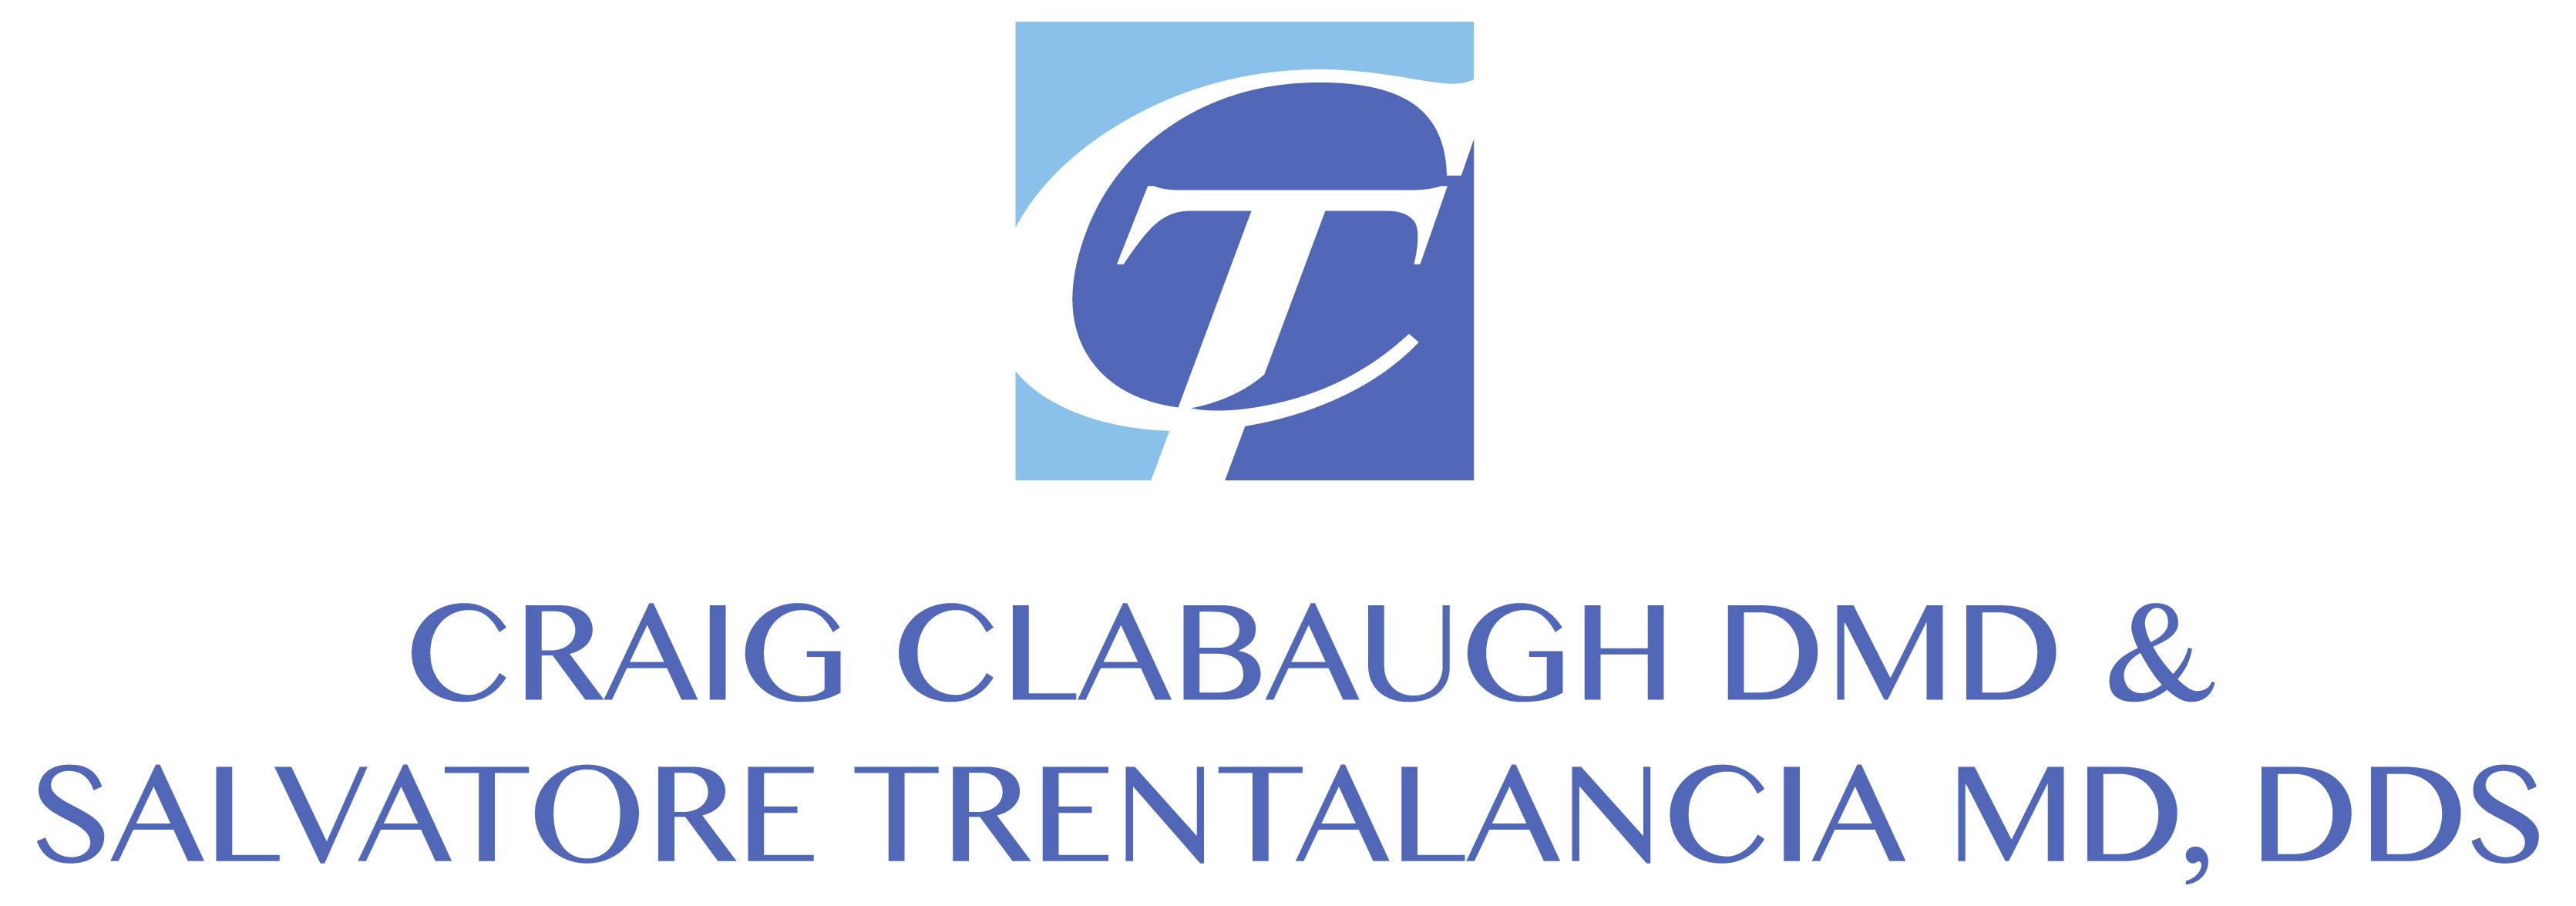 Clabaugh & Trentalancia, P.C. - Stamford, CT